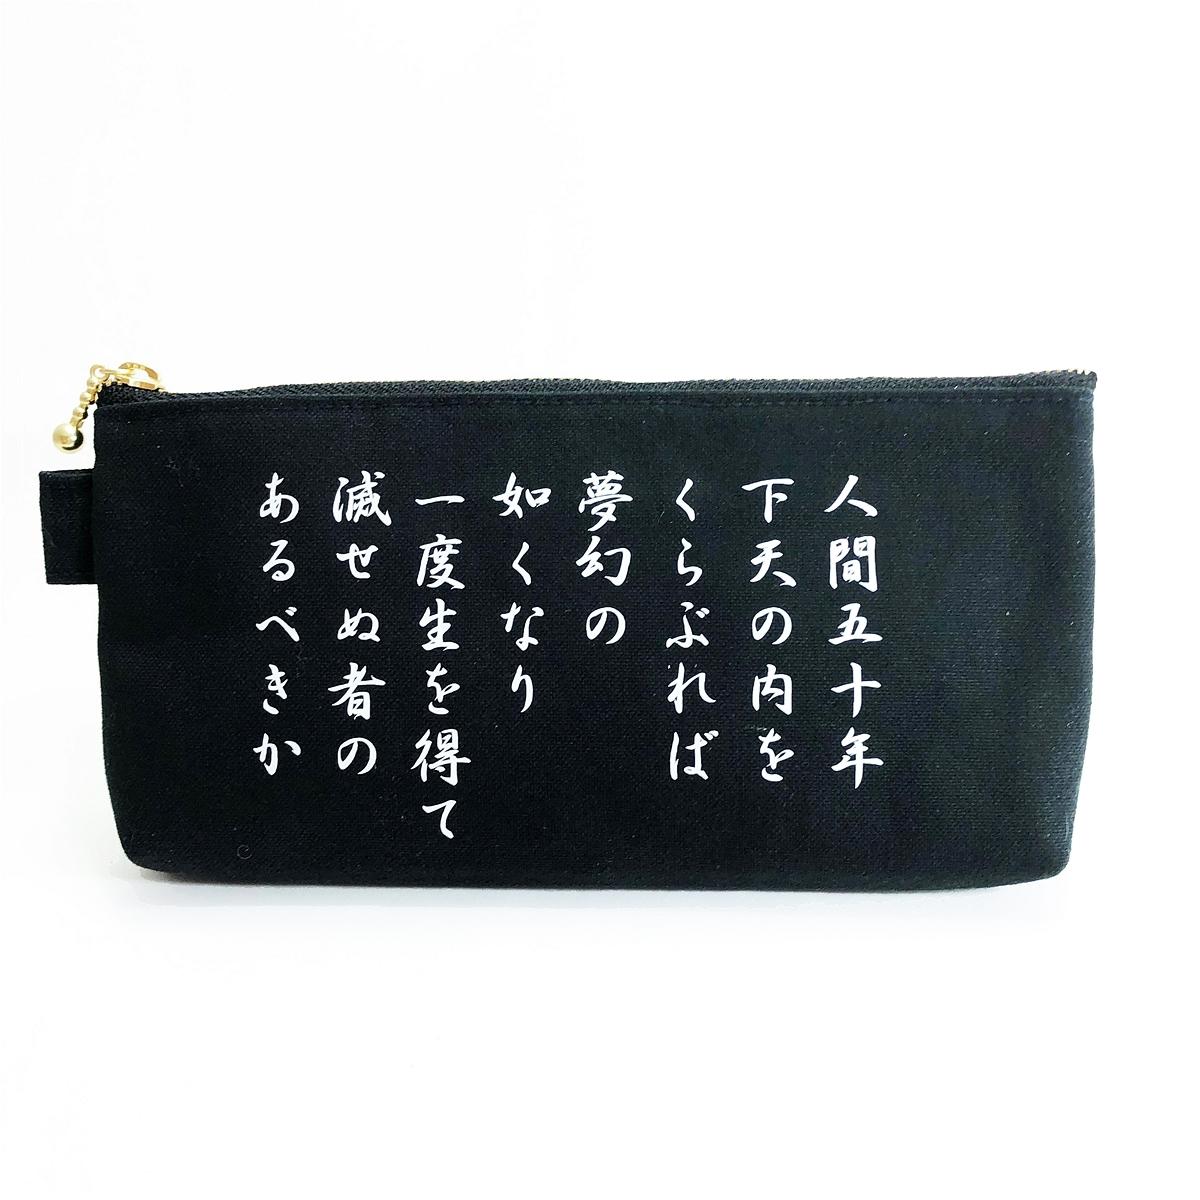 敦盛 織田信長 ペンケース 文字 歴史 黒 ハンドメイド PC2